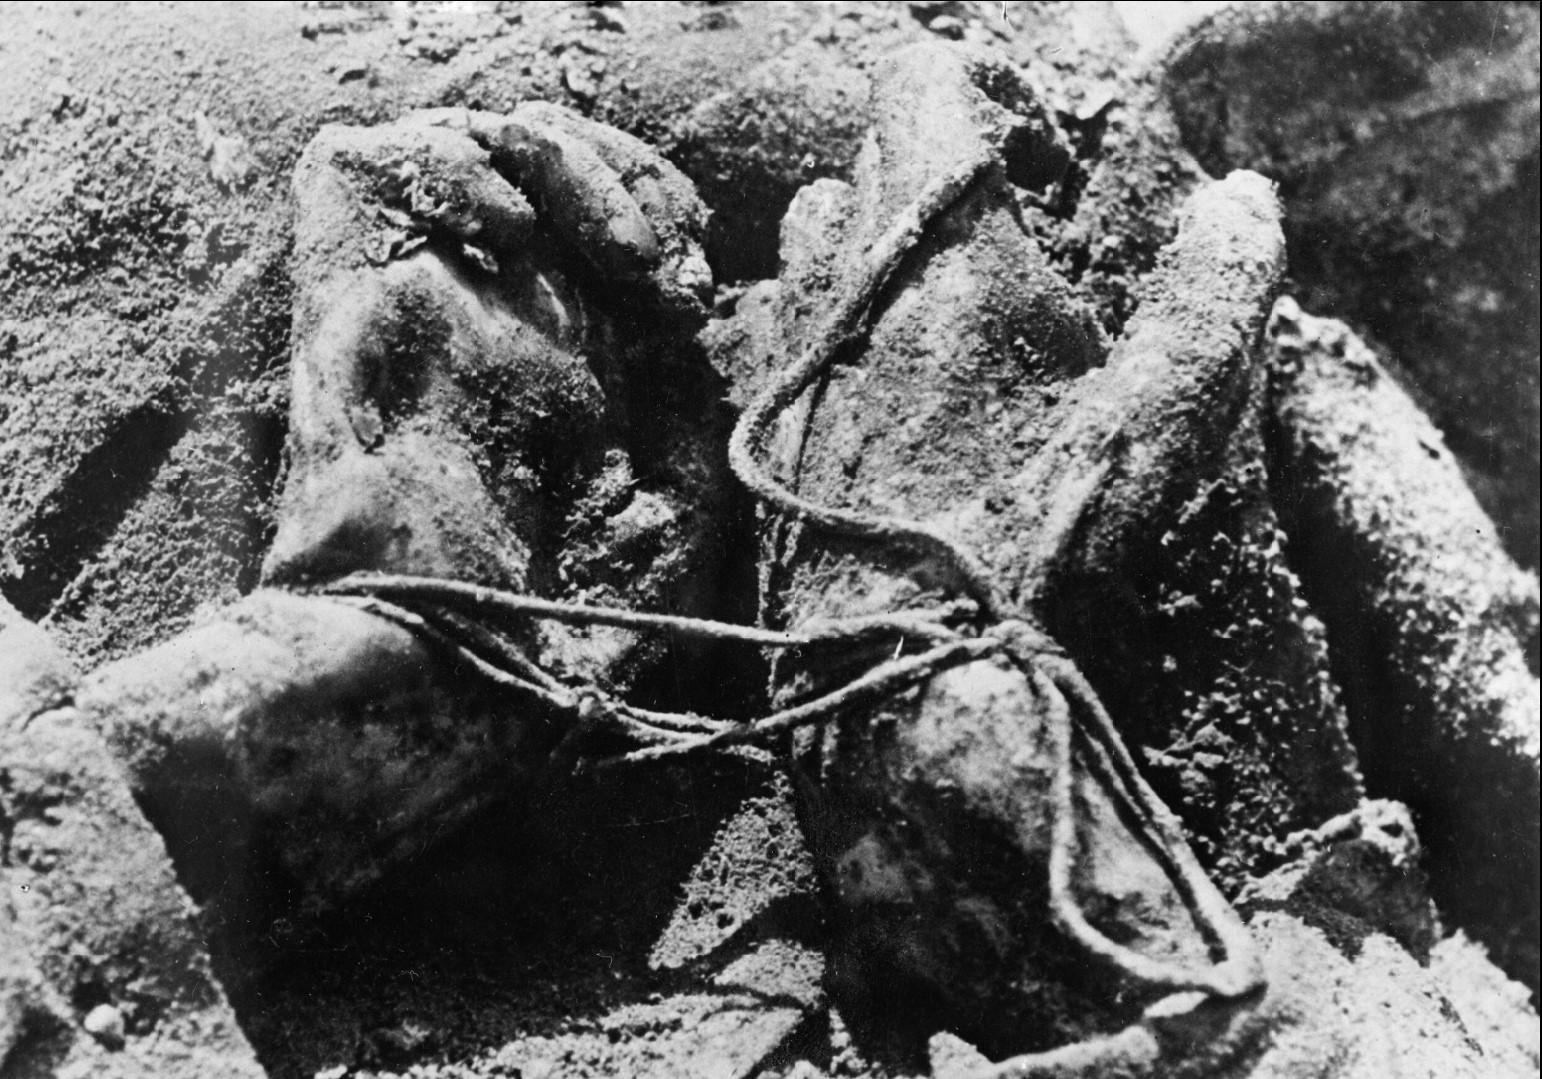 Связанные руки одного из убитых польских офицеров